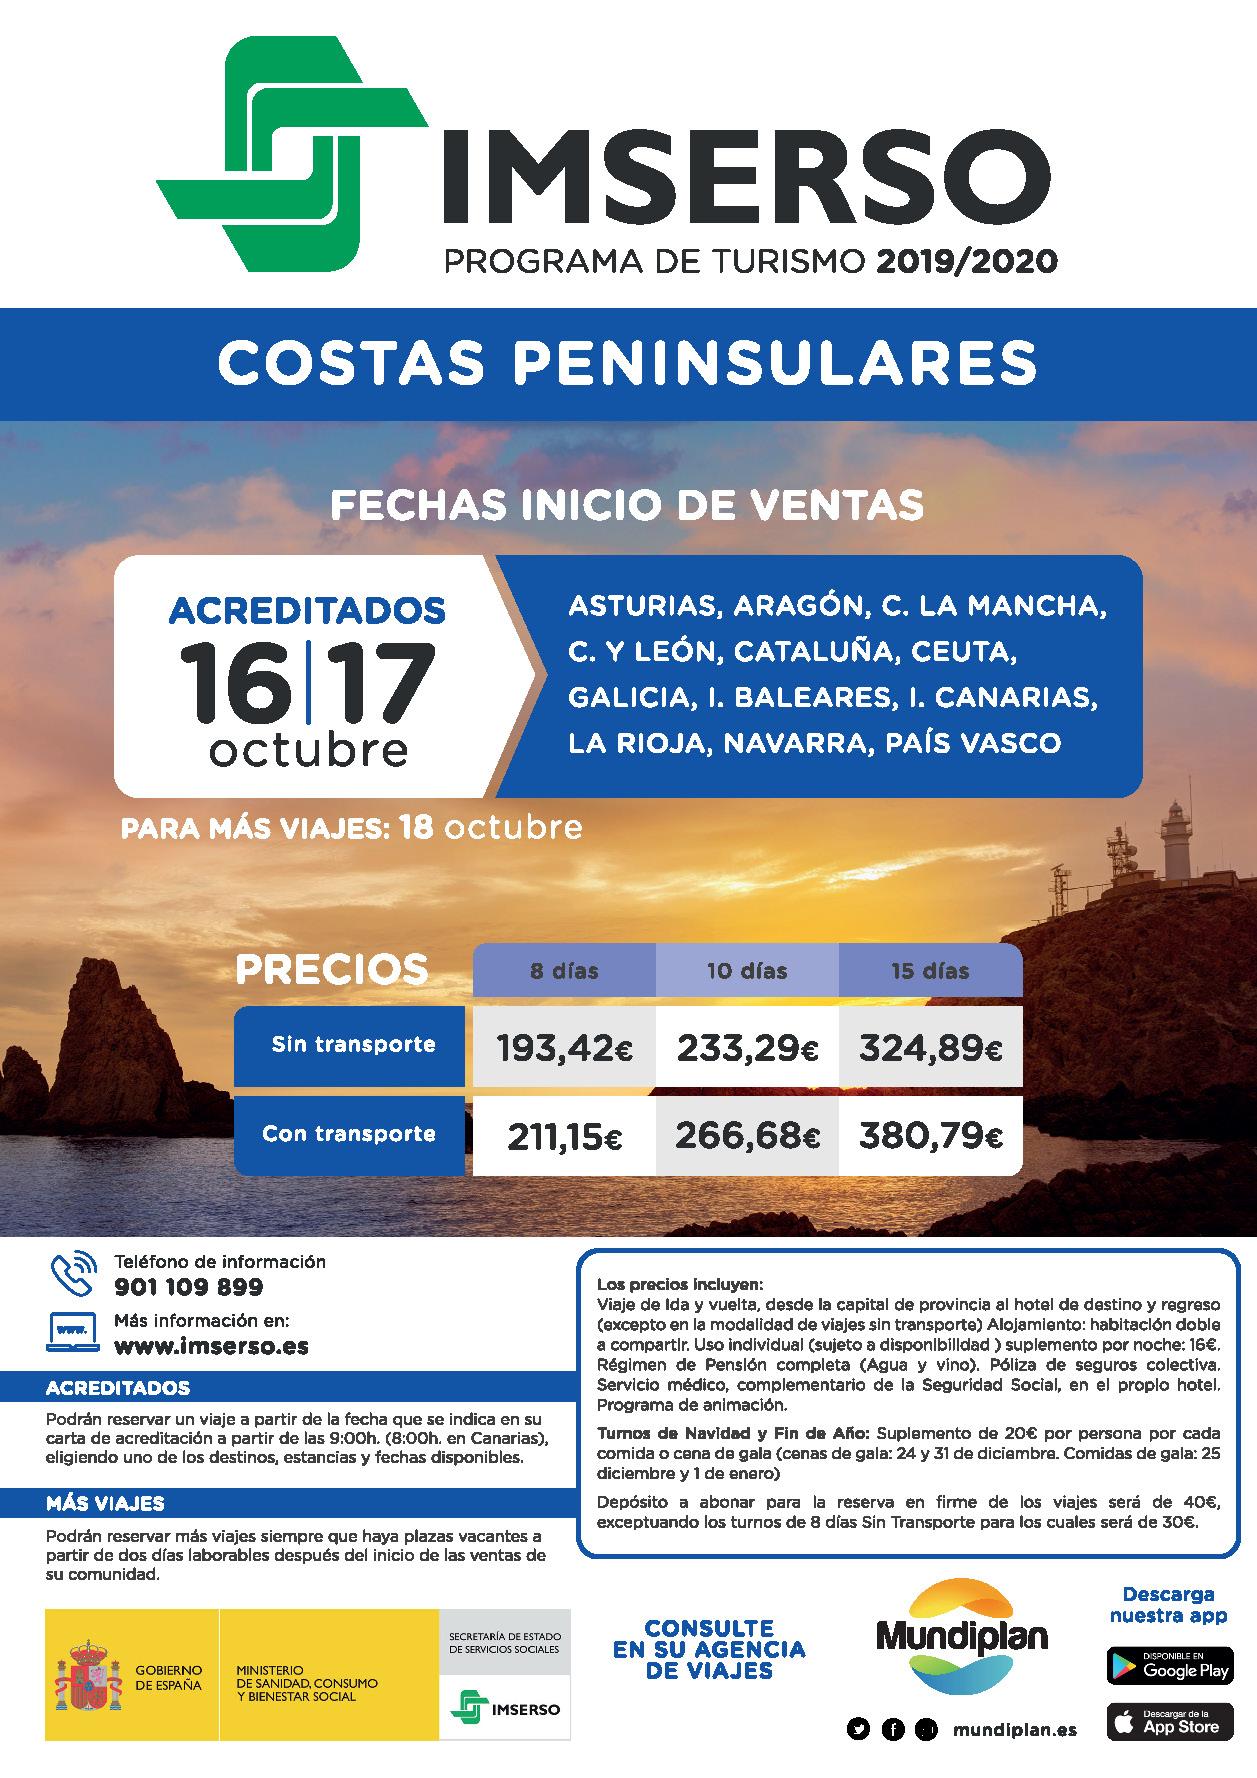 Mundiplan Fechas y Precios viajes Imserso inicio ventas 16-10-2019